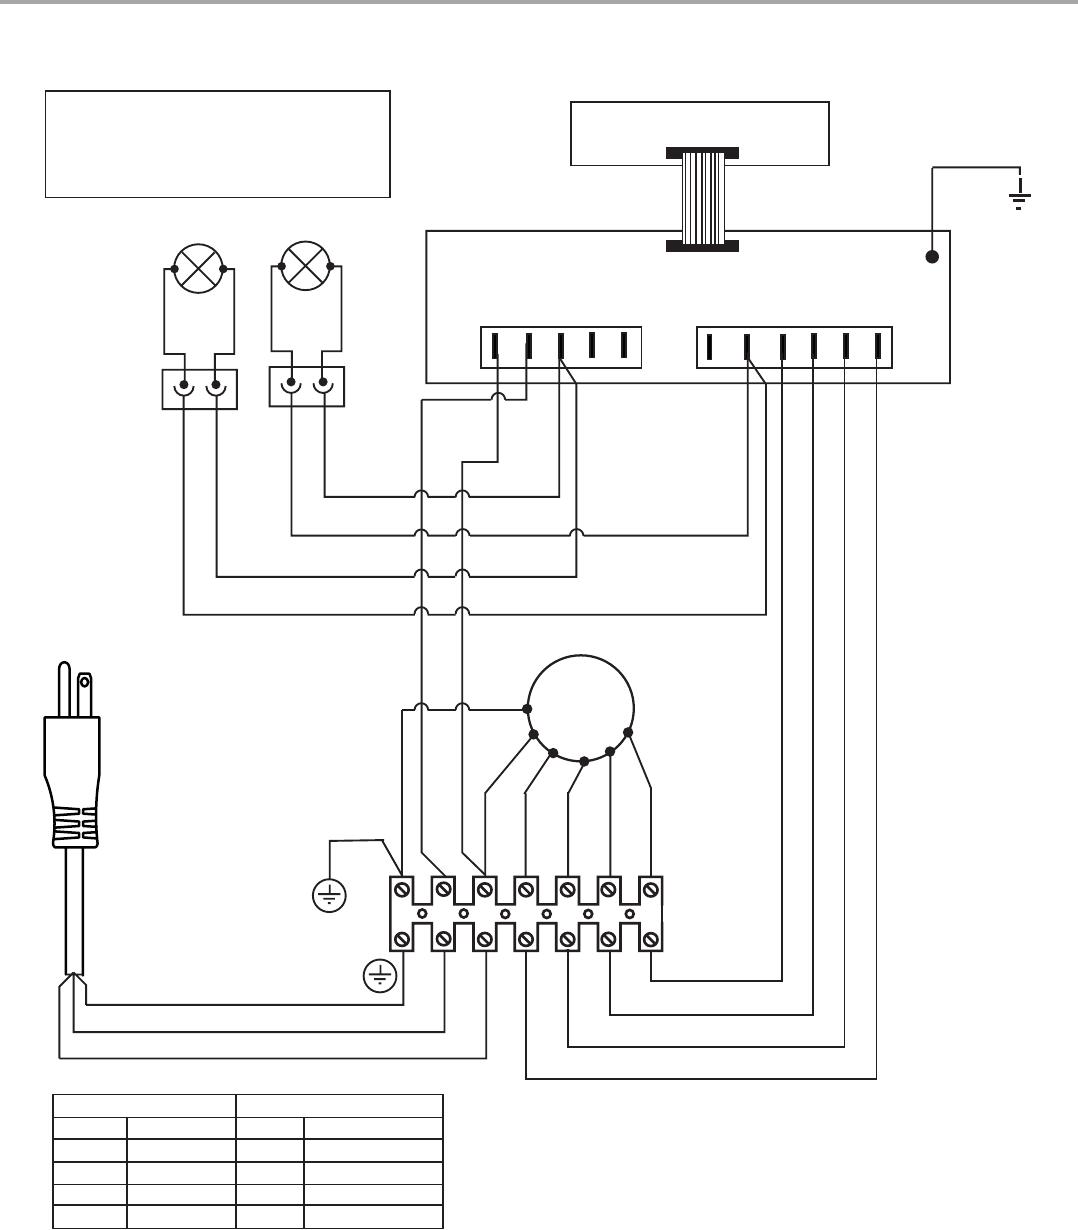 Jenn Air Li3uub W10274320c Se1x5a Electric Stove Wiring Diagram